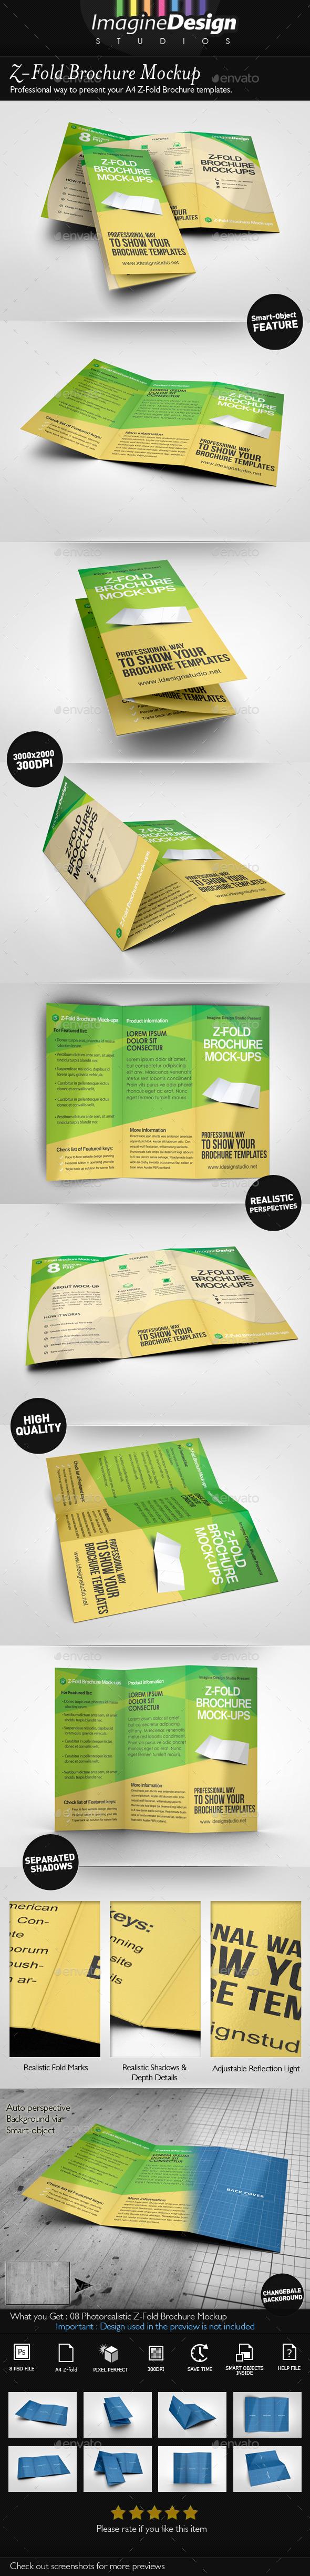 Z-Fold Brochure Mockup - Brochures Print